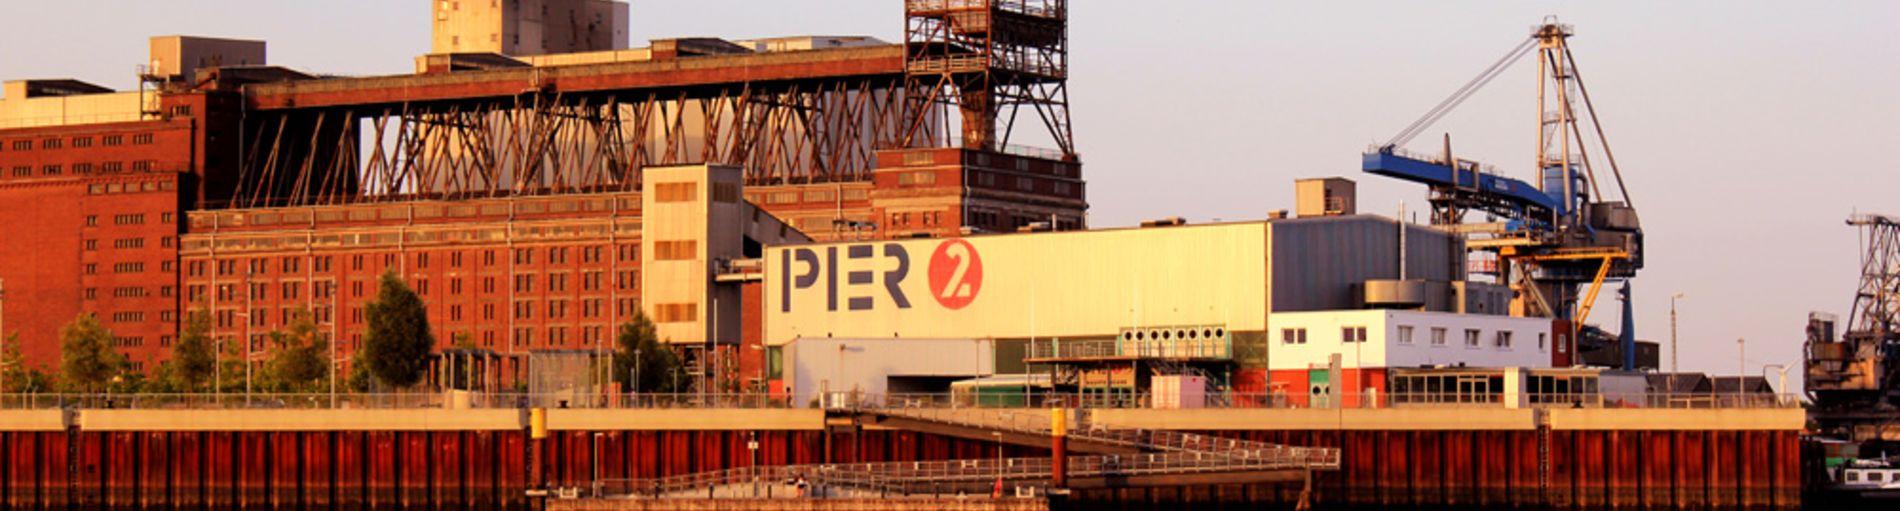 Blick auf das Pier 2 in der Überseestadt im Abendlicht